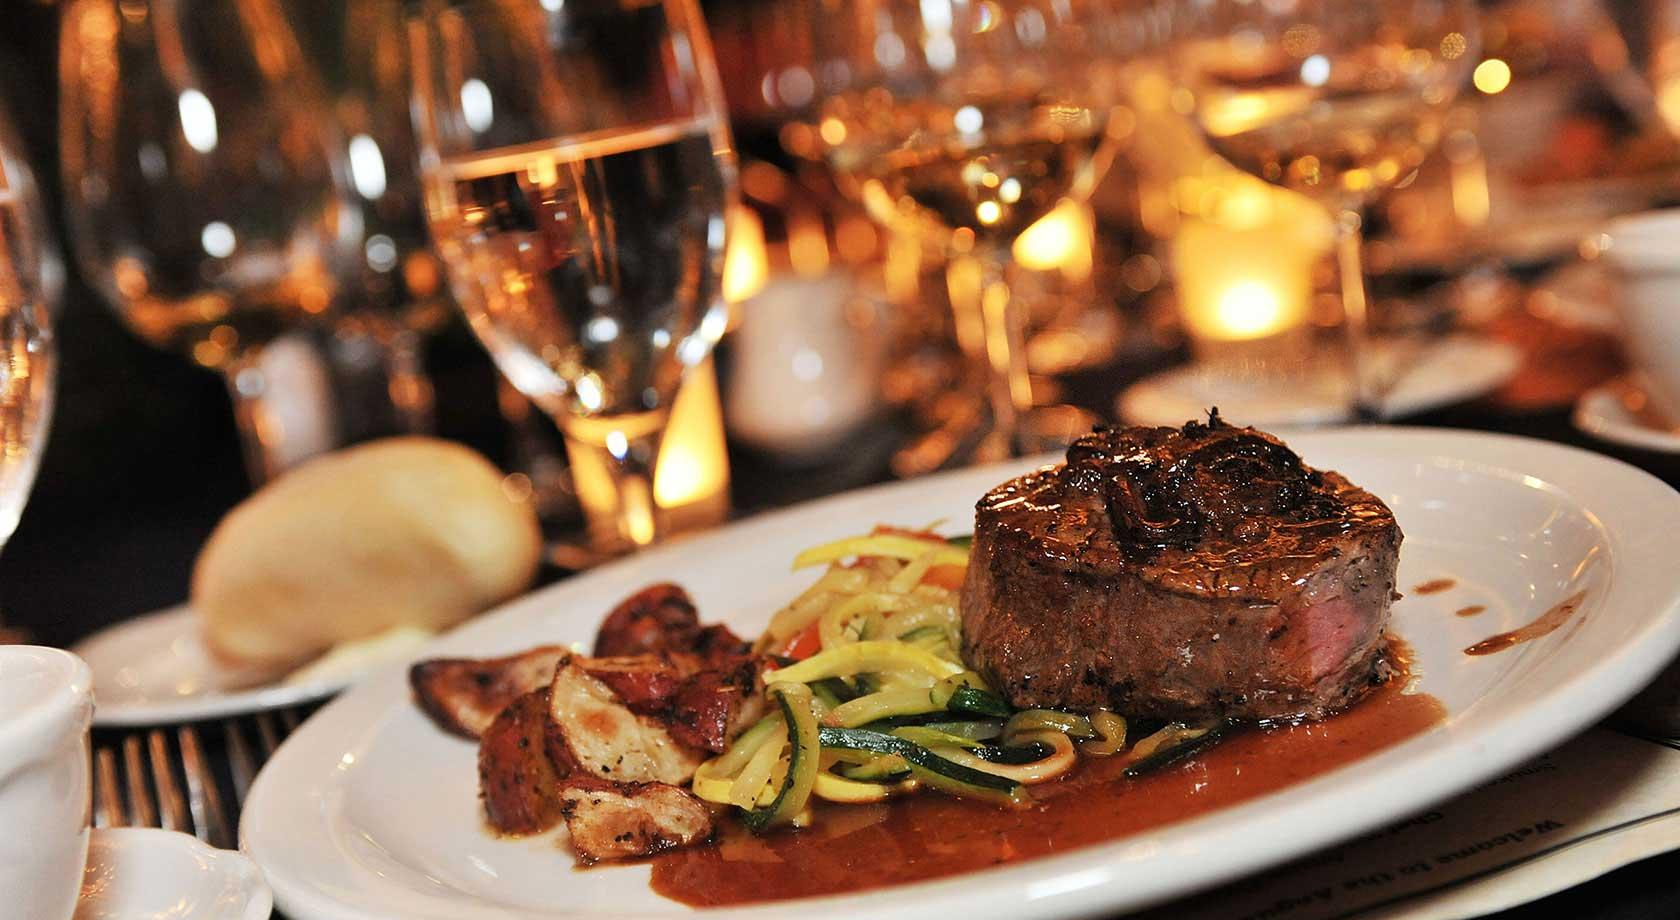 Steak dinner pic.jpg